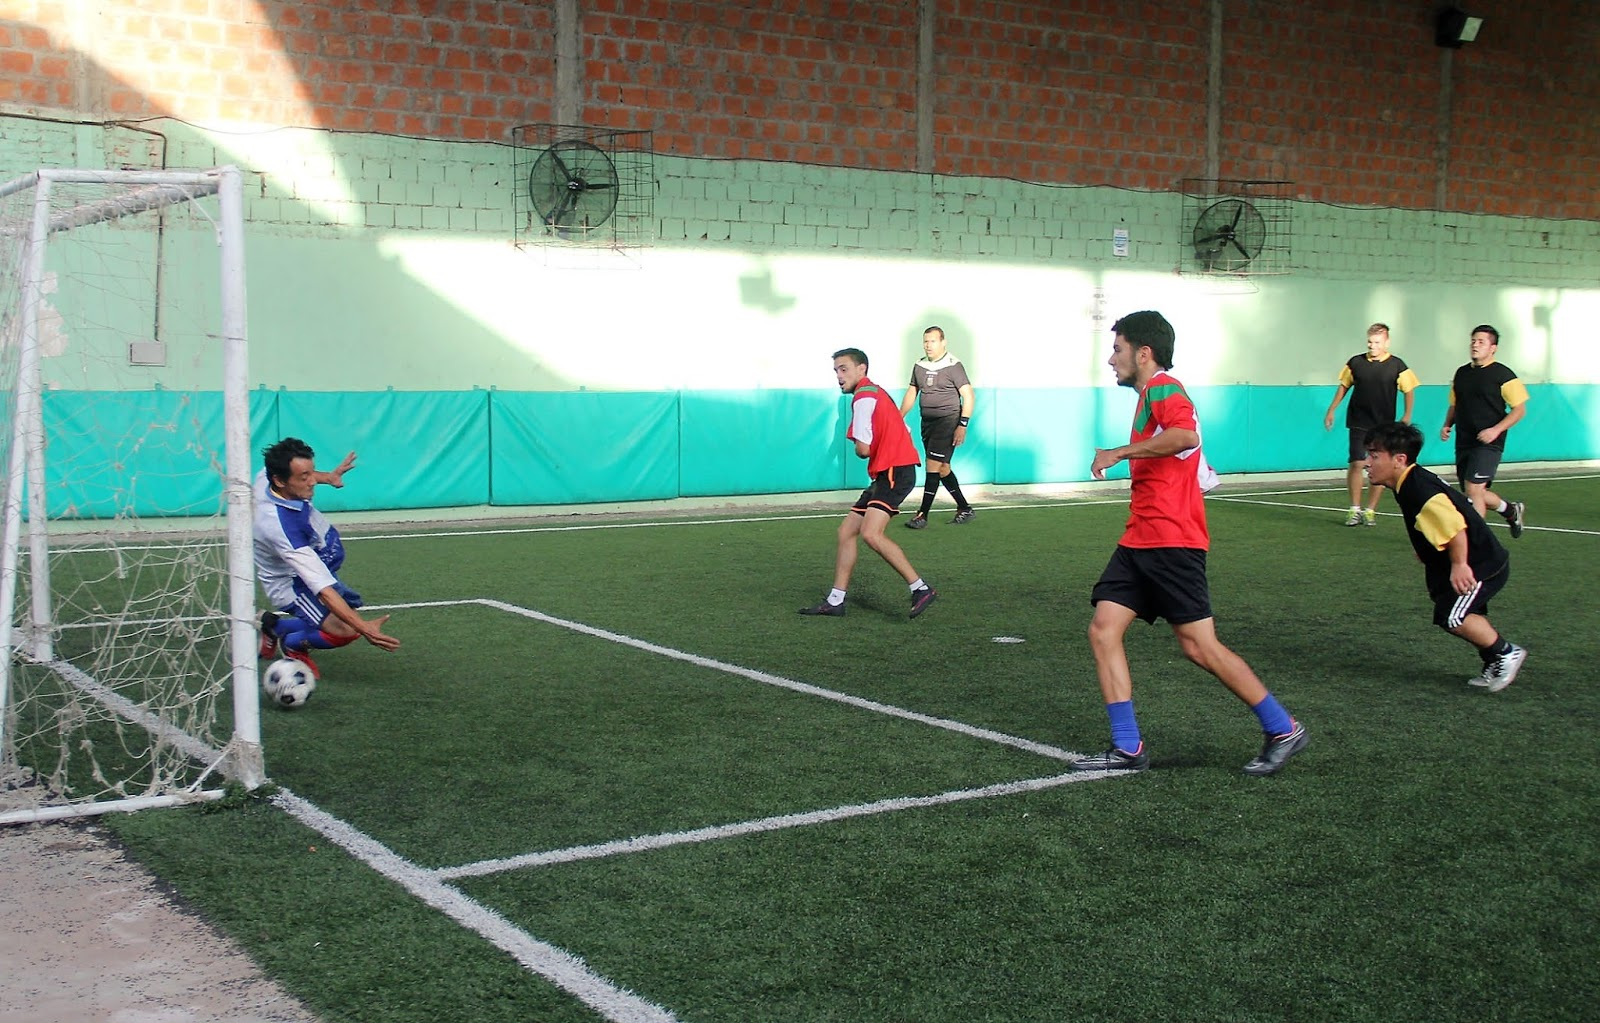 ... a jugarse el torneo de fútbol 5 reservado para los trabajadores de la  prensa correntina que lleva adelante la Asociación de Periodistas de  Corrientes a424acbb8190f